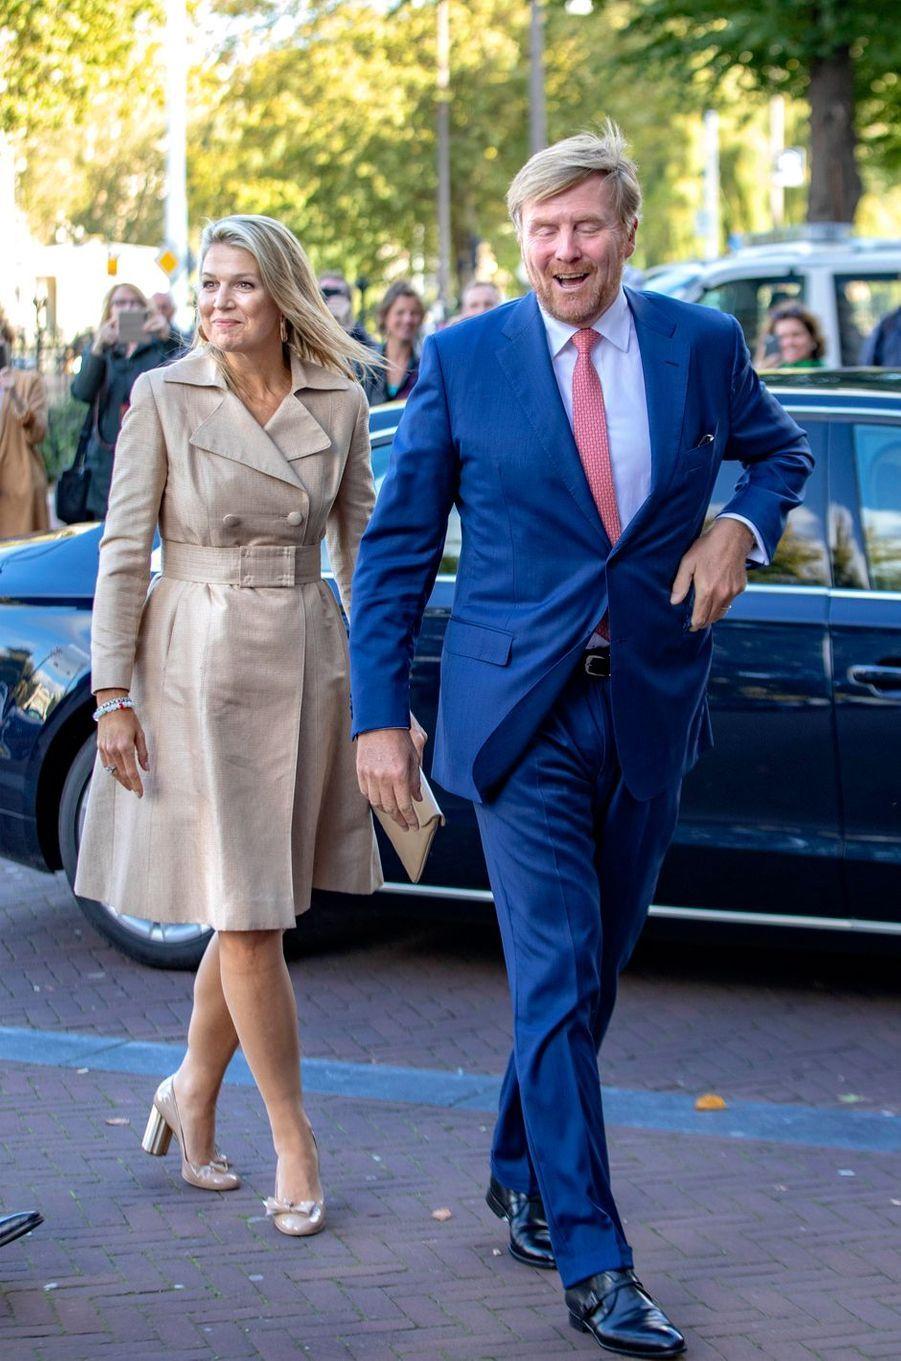 La reine Maxima, en Natan, et le roi Willem-Alexander des Pays-Bas à Amsterdam, le 30 septembre 2019